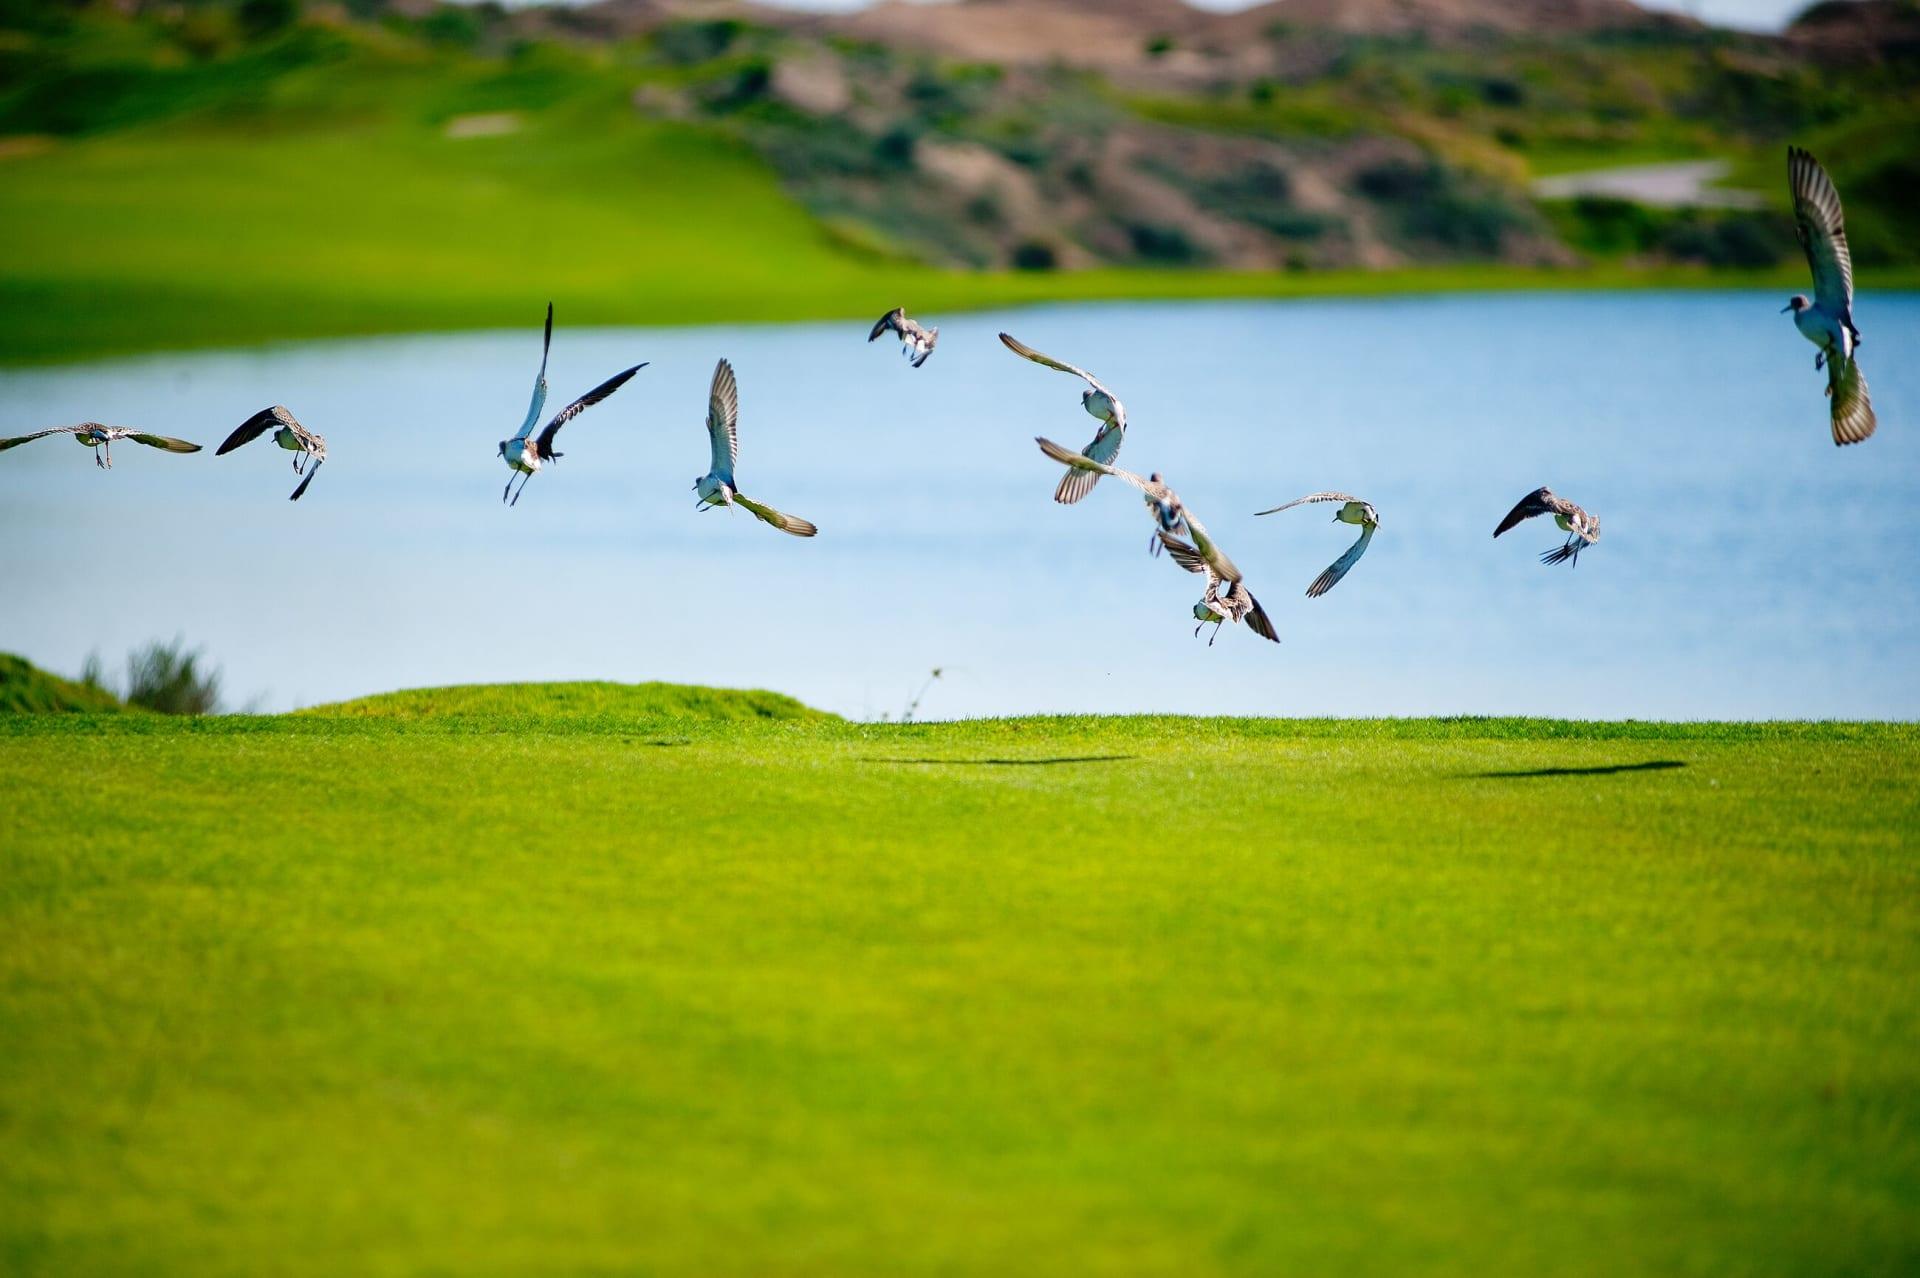 ملعب الموج للغولف في سلطنة عمان